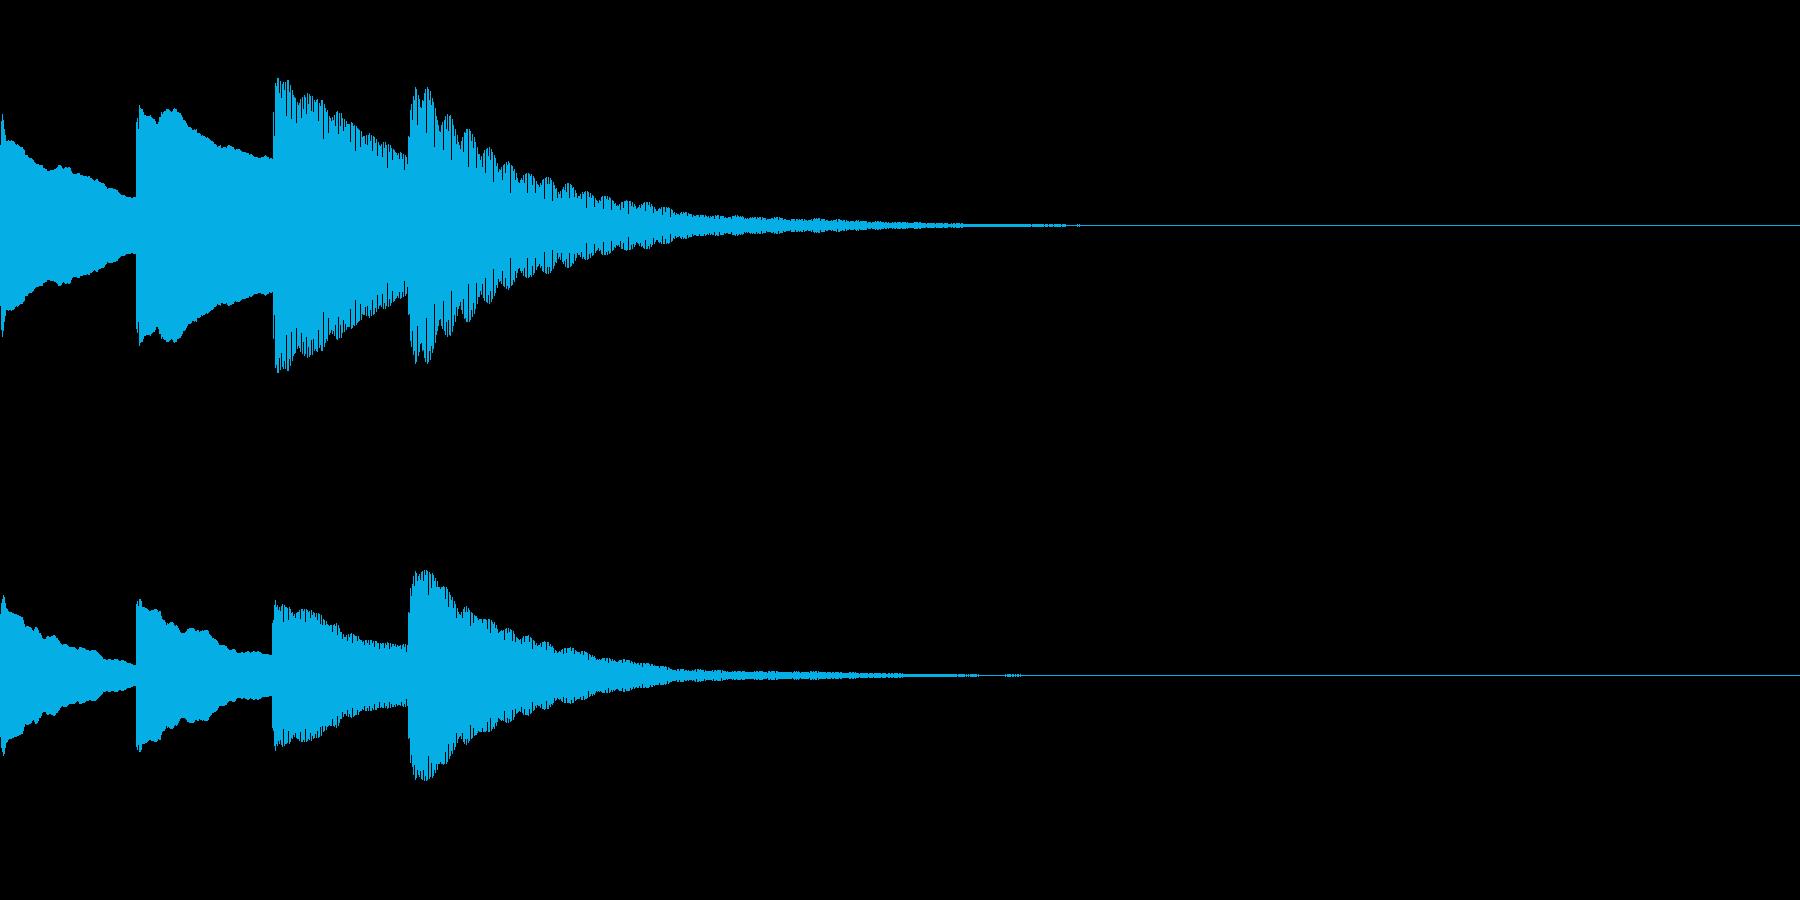 お知らせ・アナウンス音B下降(普通)06の再生済みの波形